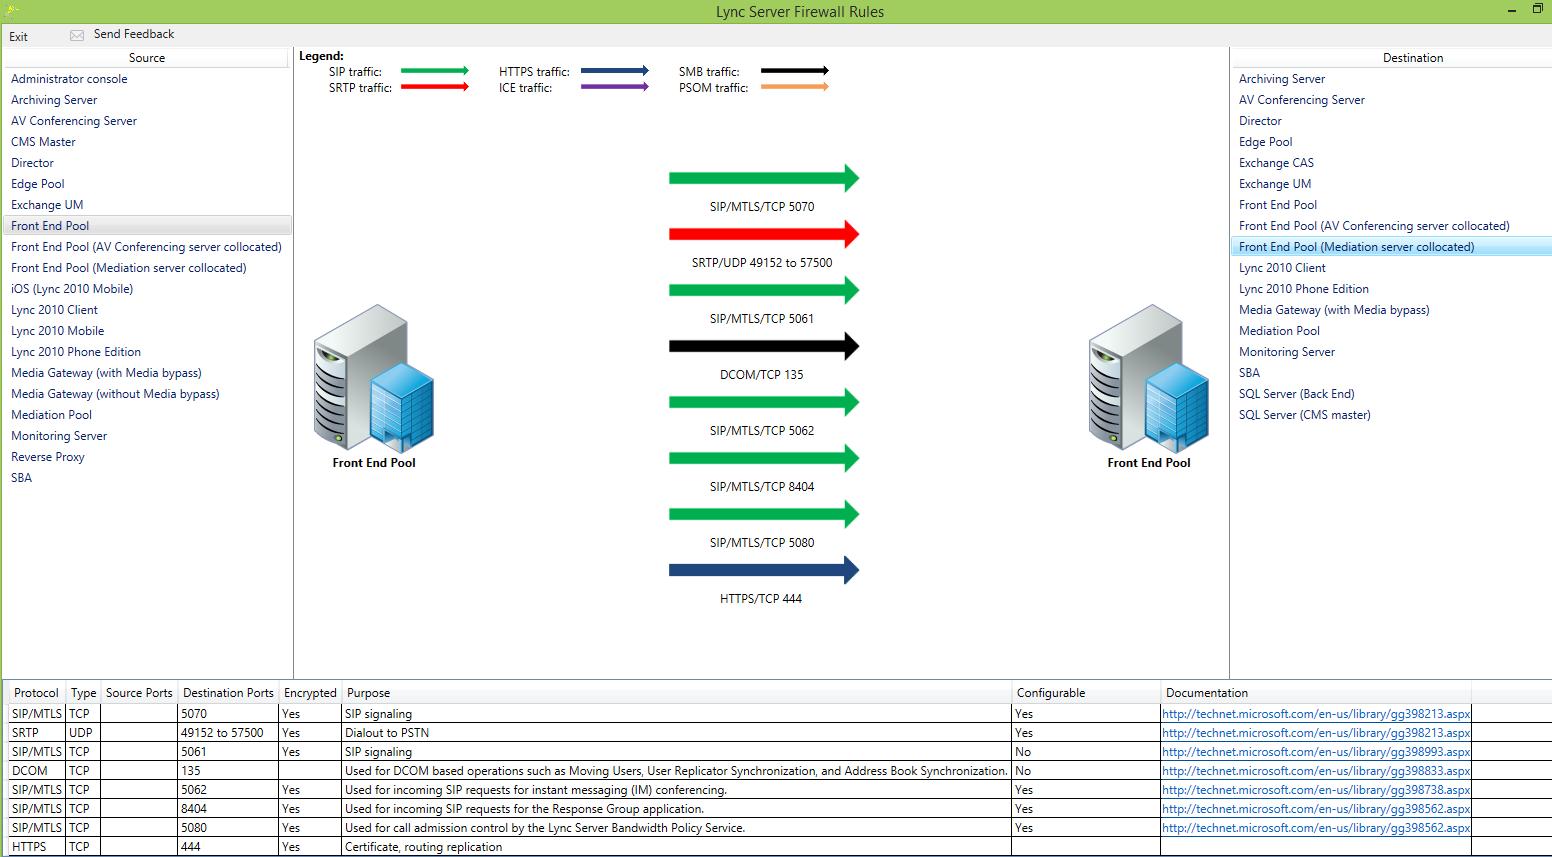 Ports between FE servers